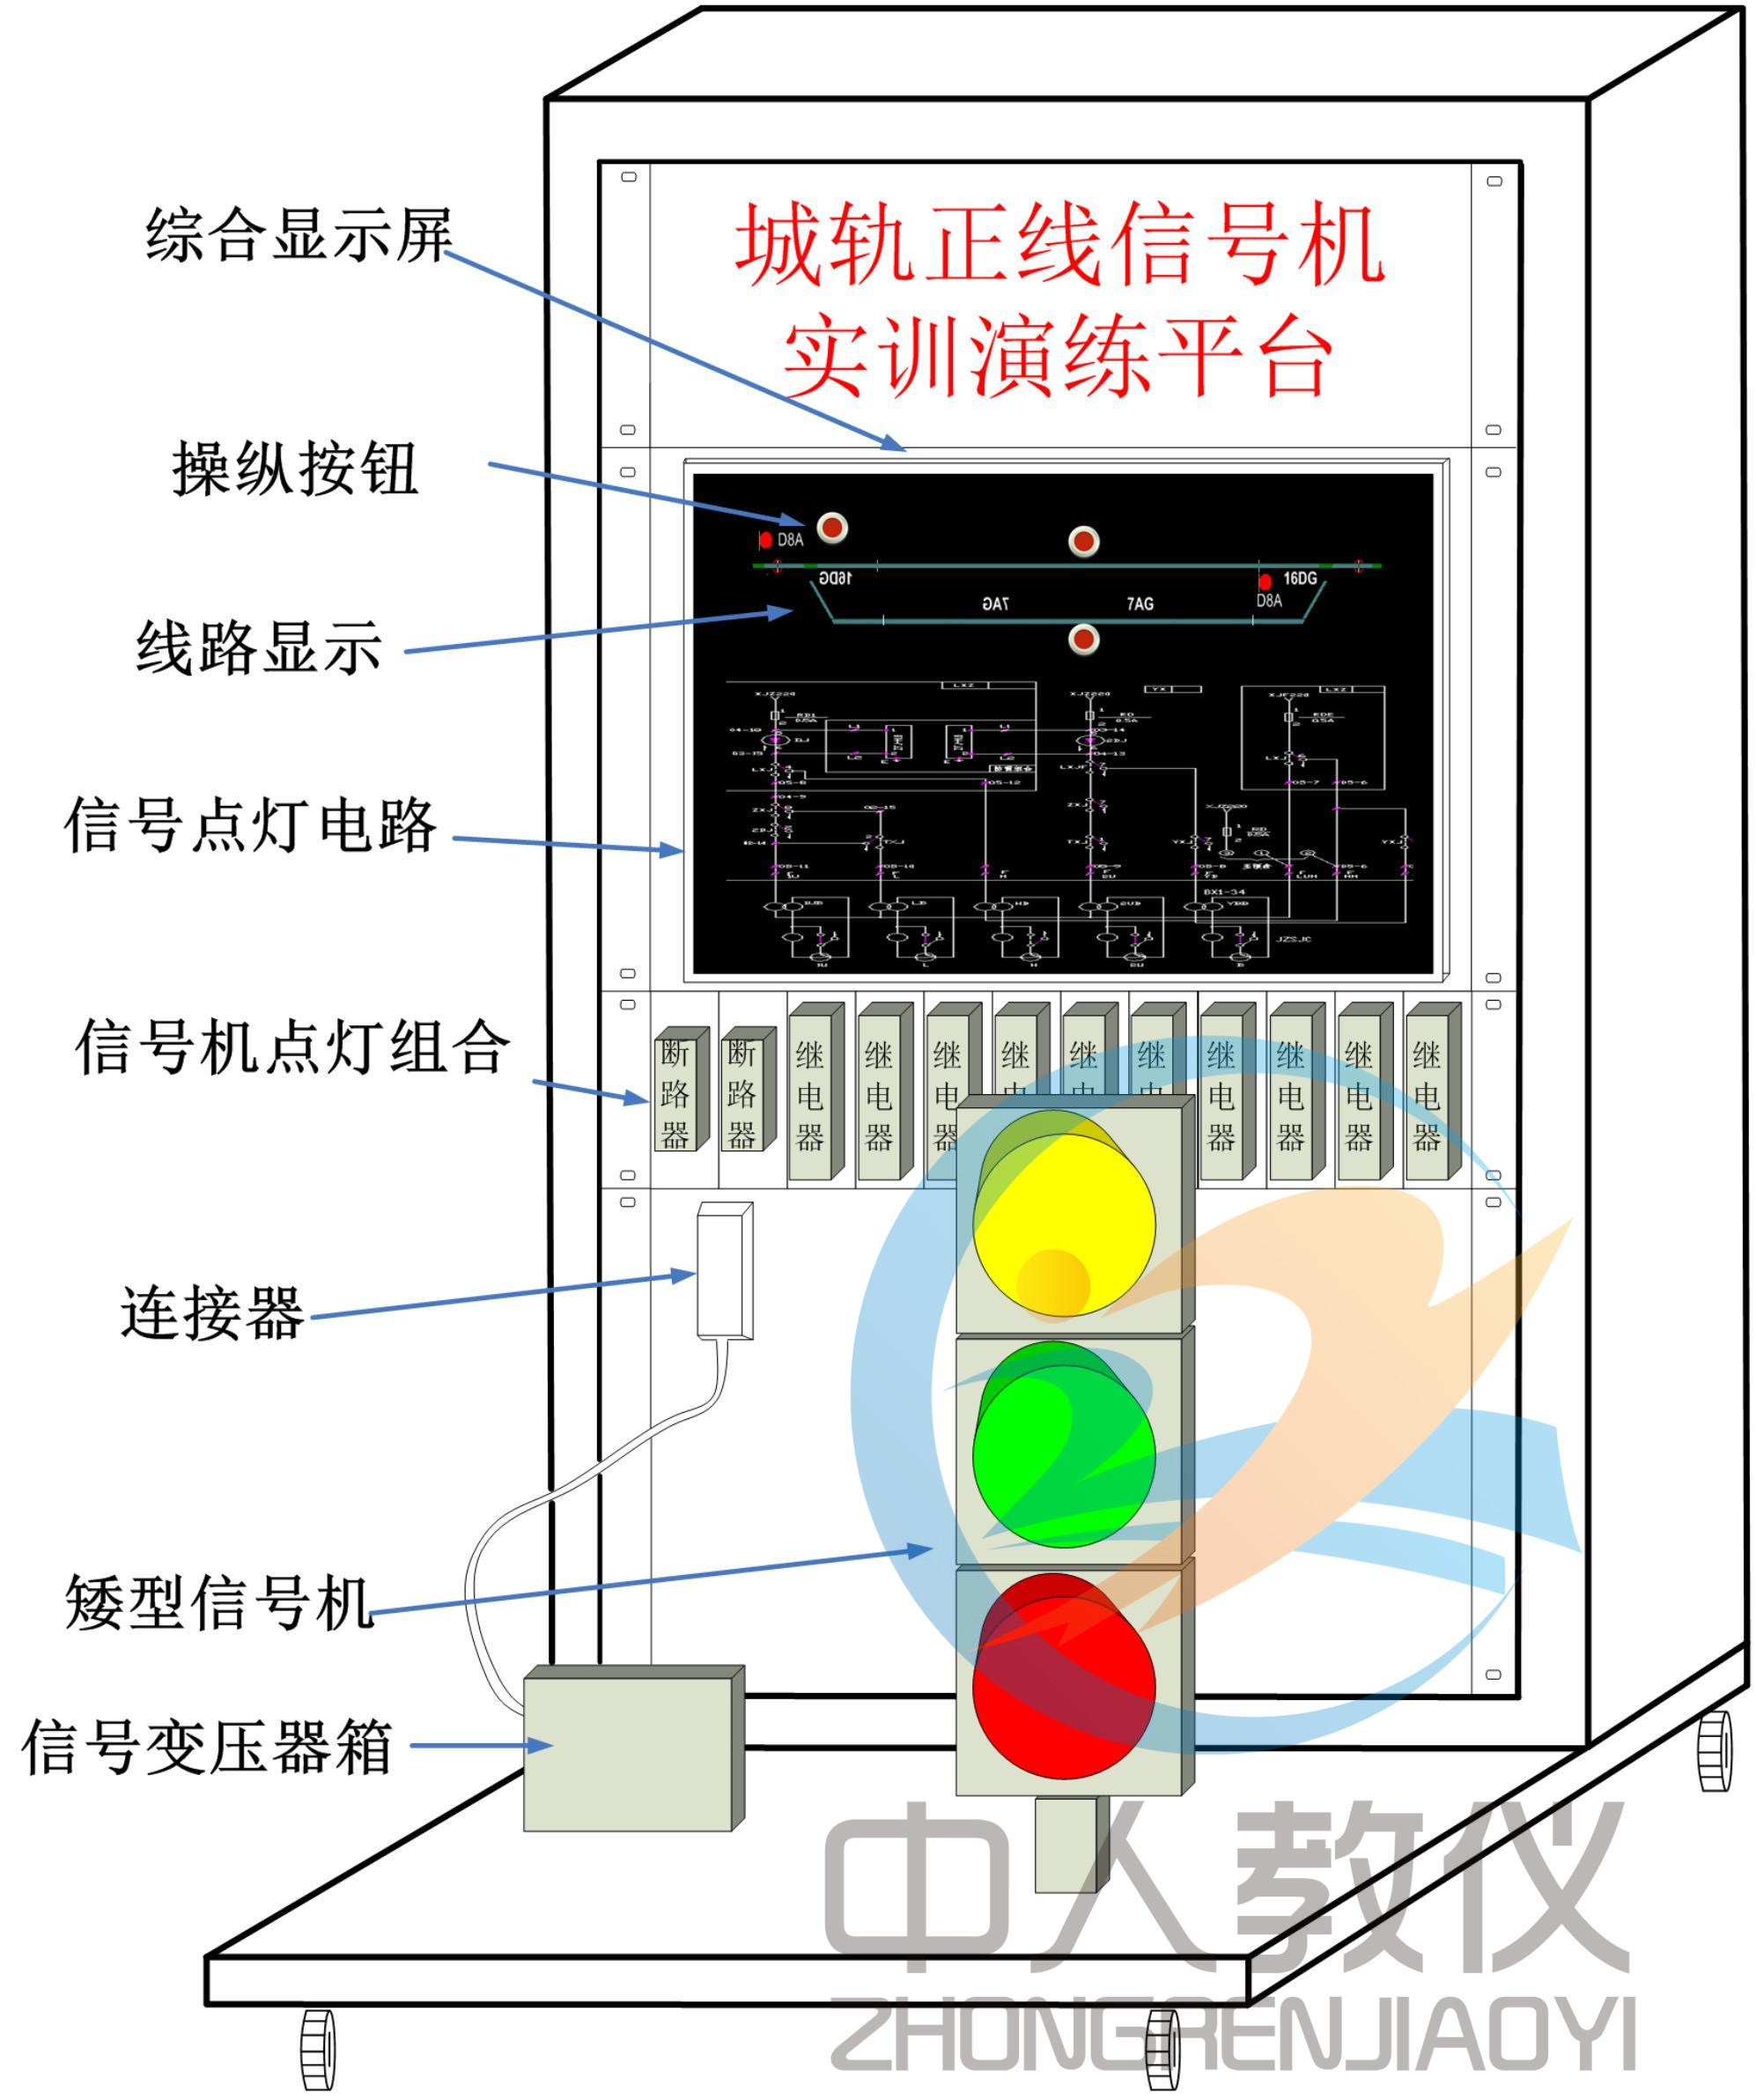 正线信号机设备实训演练平台